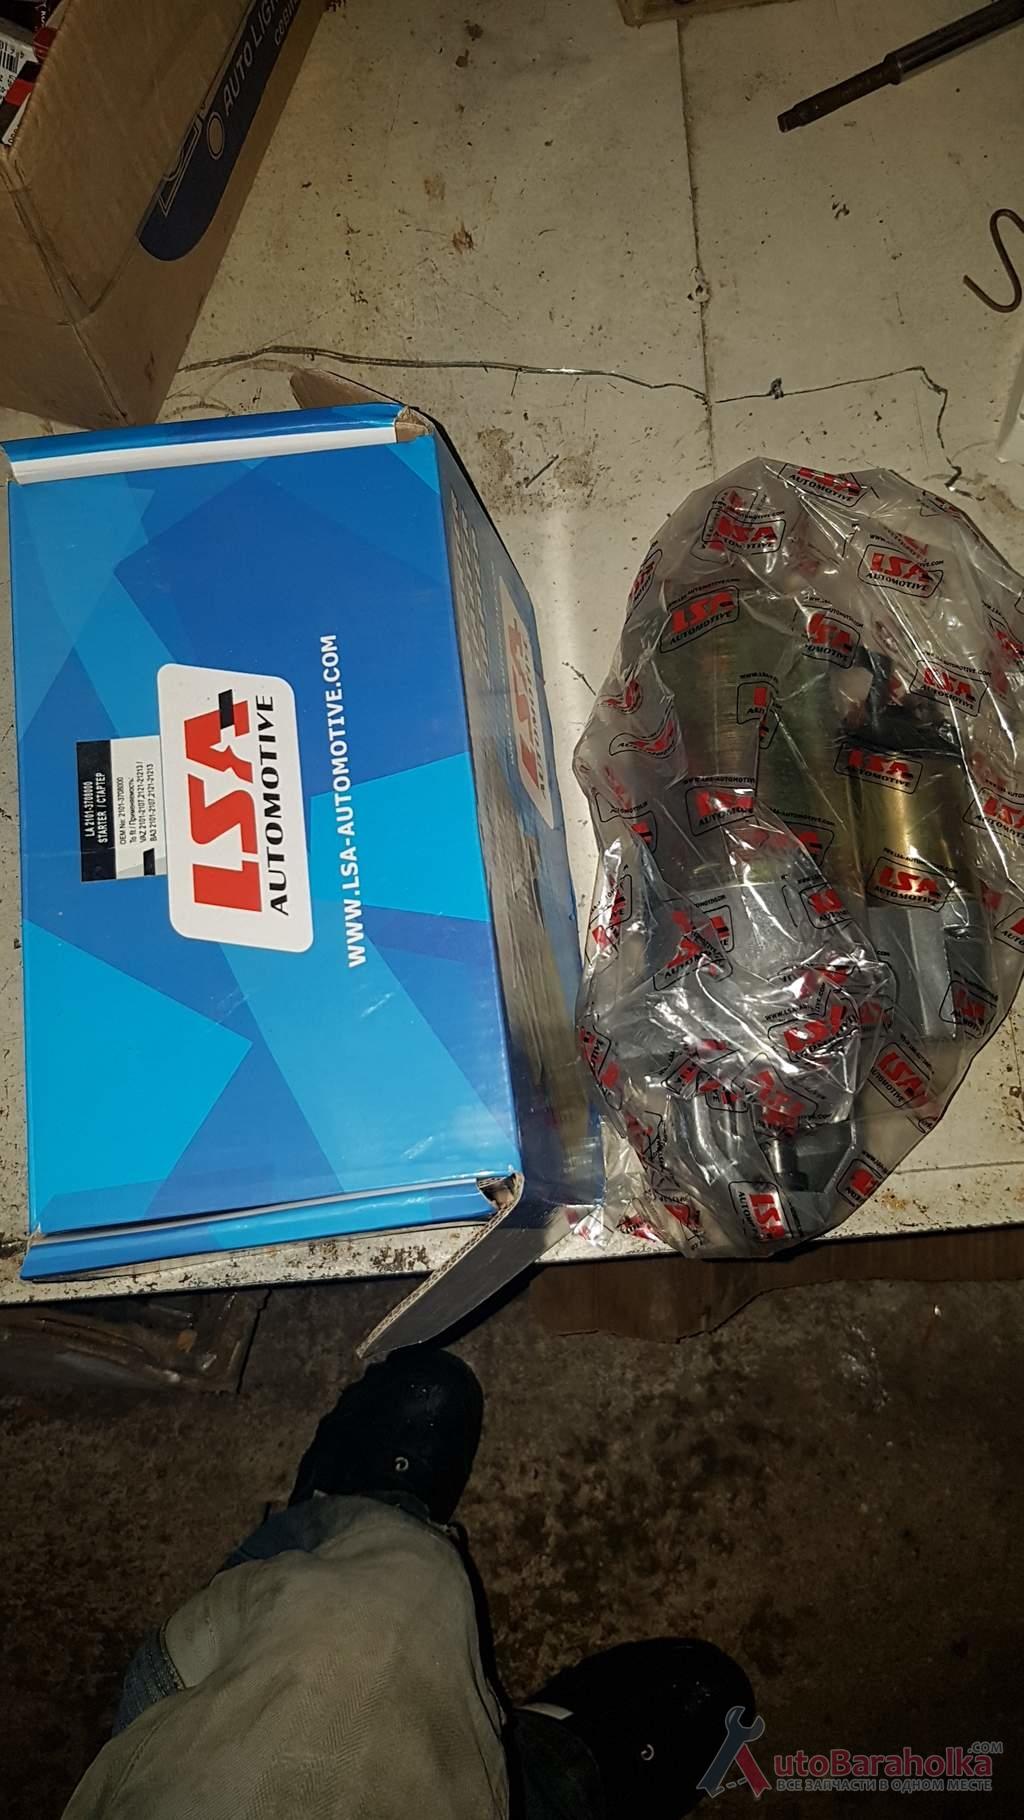 Продам Стартер LSA ВАЗ 2101 2103 2106 2108 2110 2114 Россия Чехия, бу из Польши большие и редукторные Полтава